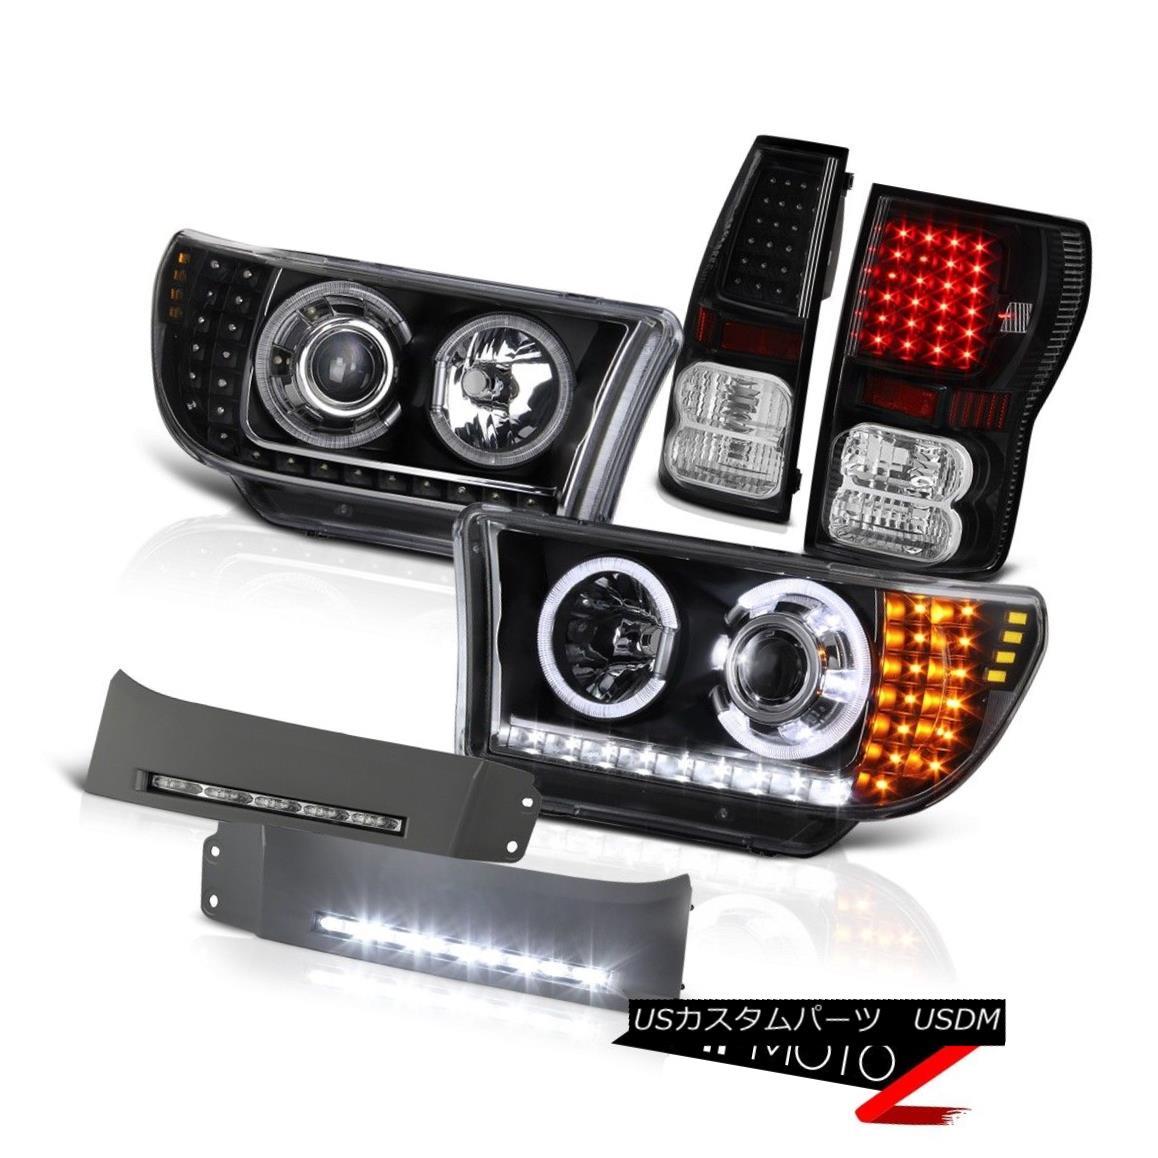 人気ブランドの テールライト 2007-13 Toyota Tundra 2007-13 LIMITED Halo LED Halo Headlight Tail Tail Lights Trim Fog Light Lamp 2007?13年Toyota Tundra LIMITED Halo LEDヘッドライトテールライトトリムフォグライトランプ, 子供服POCKET:0d6a2914 --- yatenderrao.com